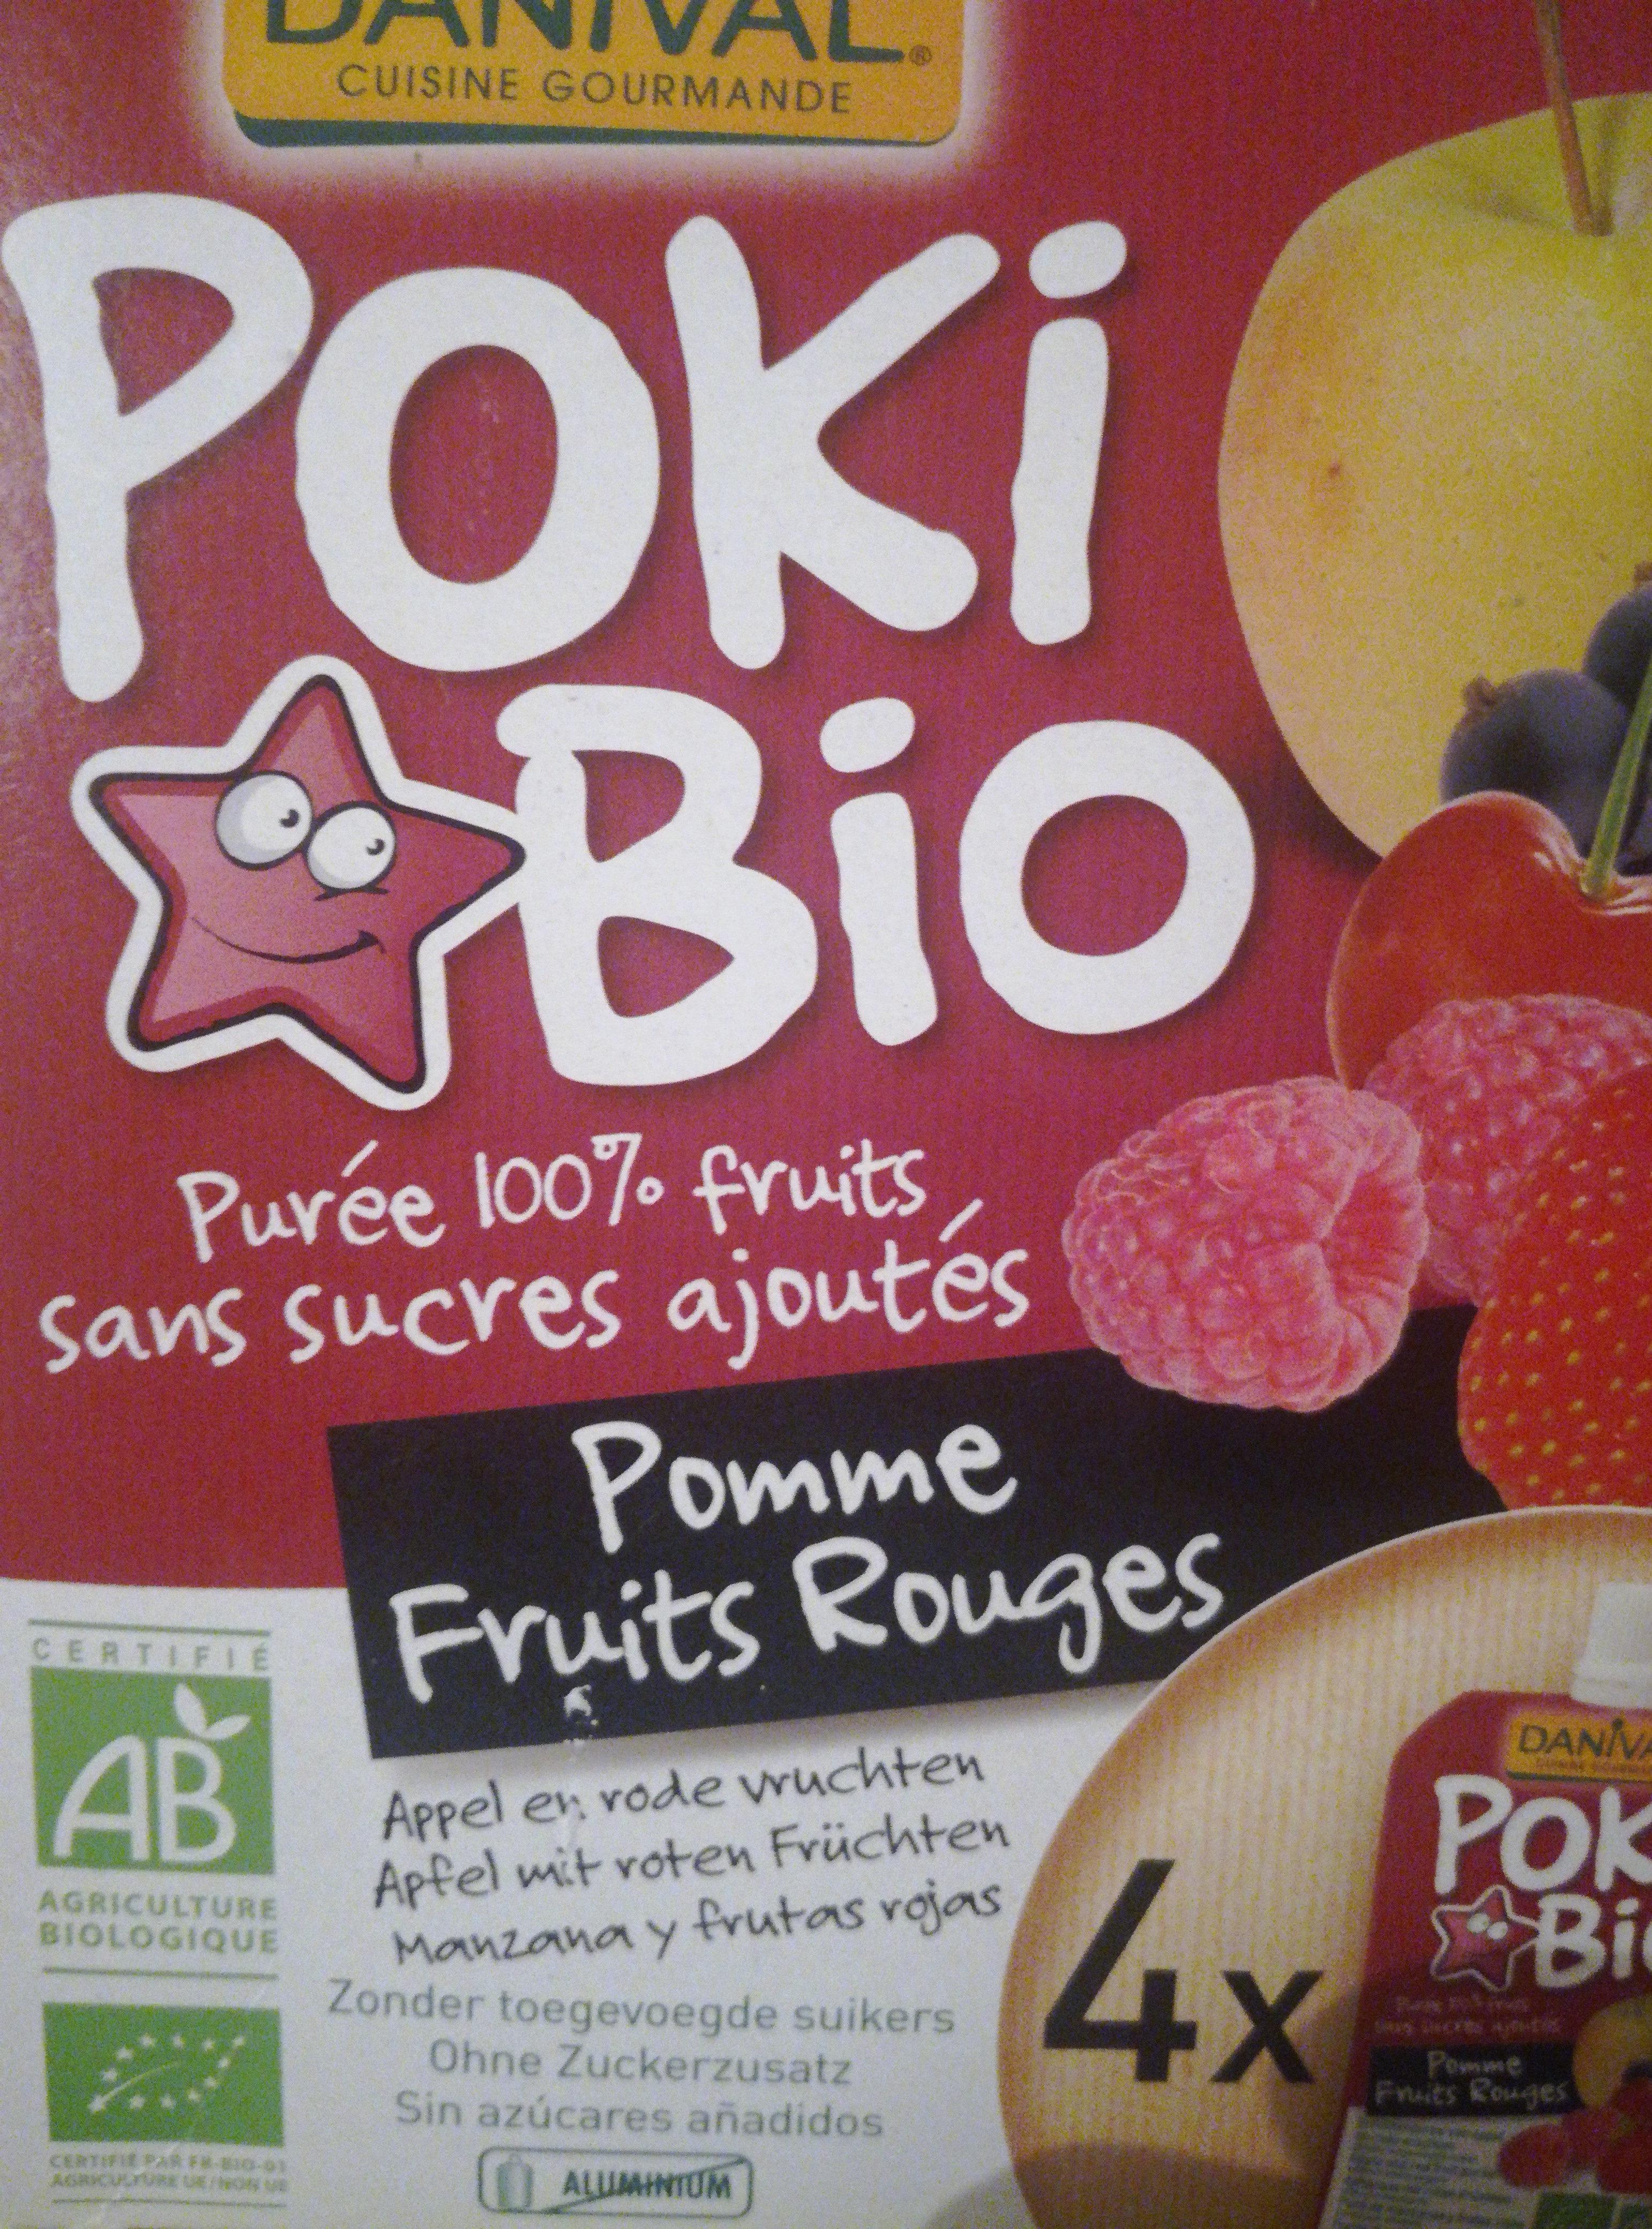 Danival Poki Bio - Purée Pomme & Fruits Rouges 100% Fruit Bio Sans Sucres Ajoutés - Product